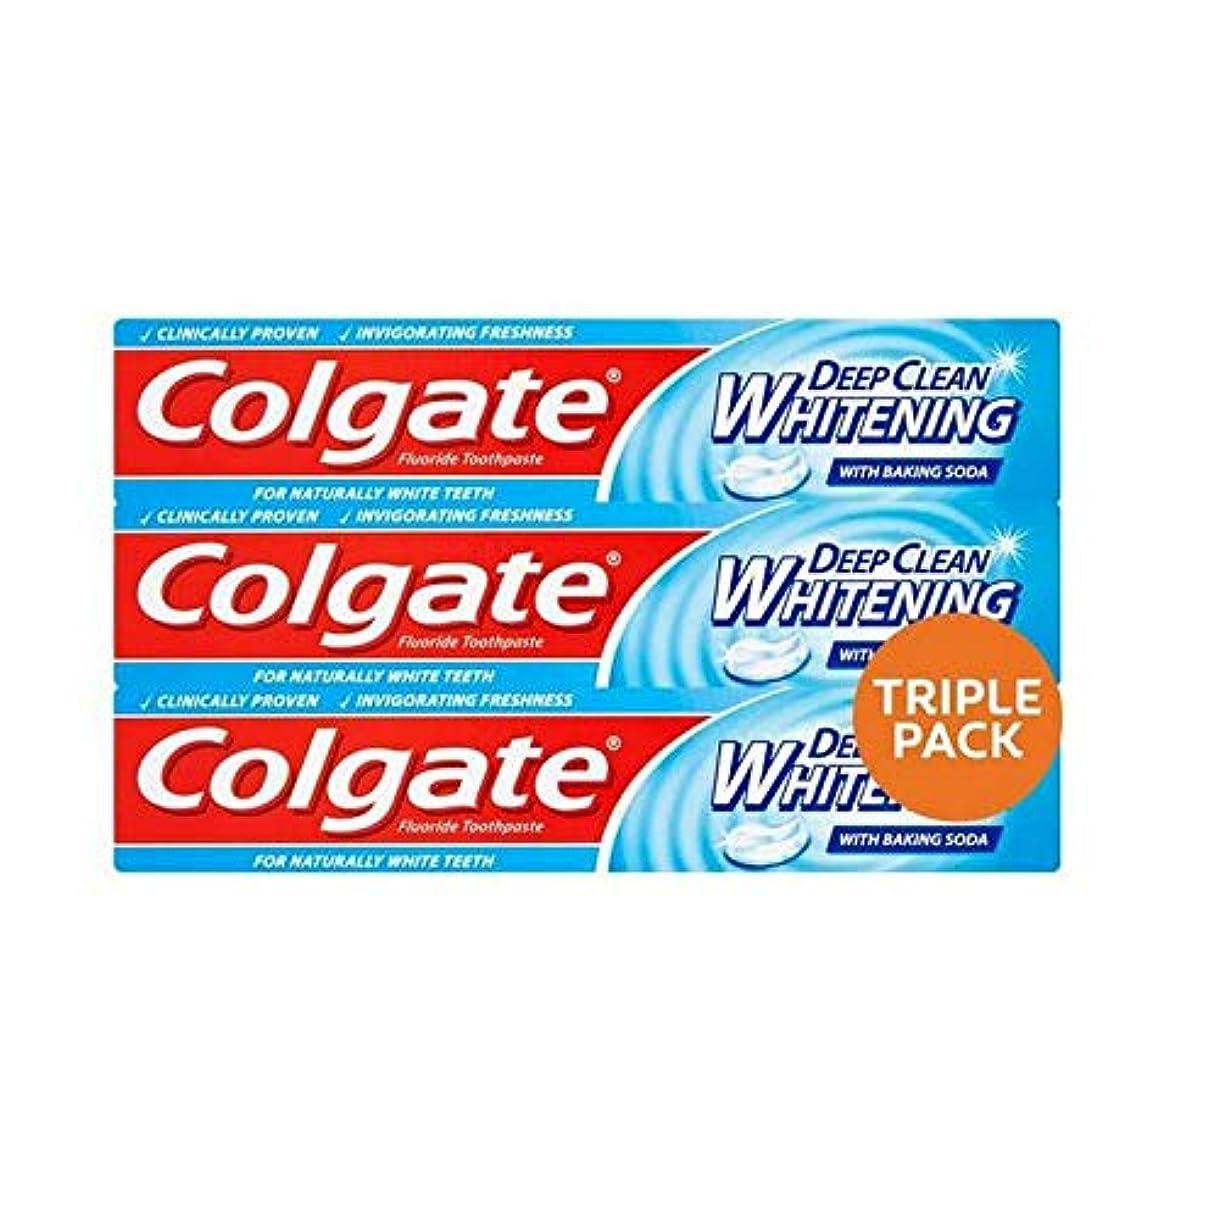 研磨スリッパ低下[Colgate ] コルゲート深いクリーンホワイトニング歯磨きトリプルパック3×75ミリリットル - Colgate Deep Clean Whitening Toothpaste Triple Pack 3 x 75ml...